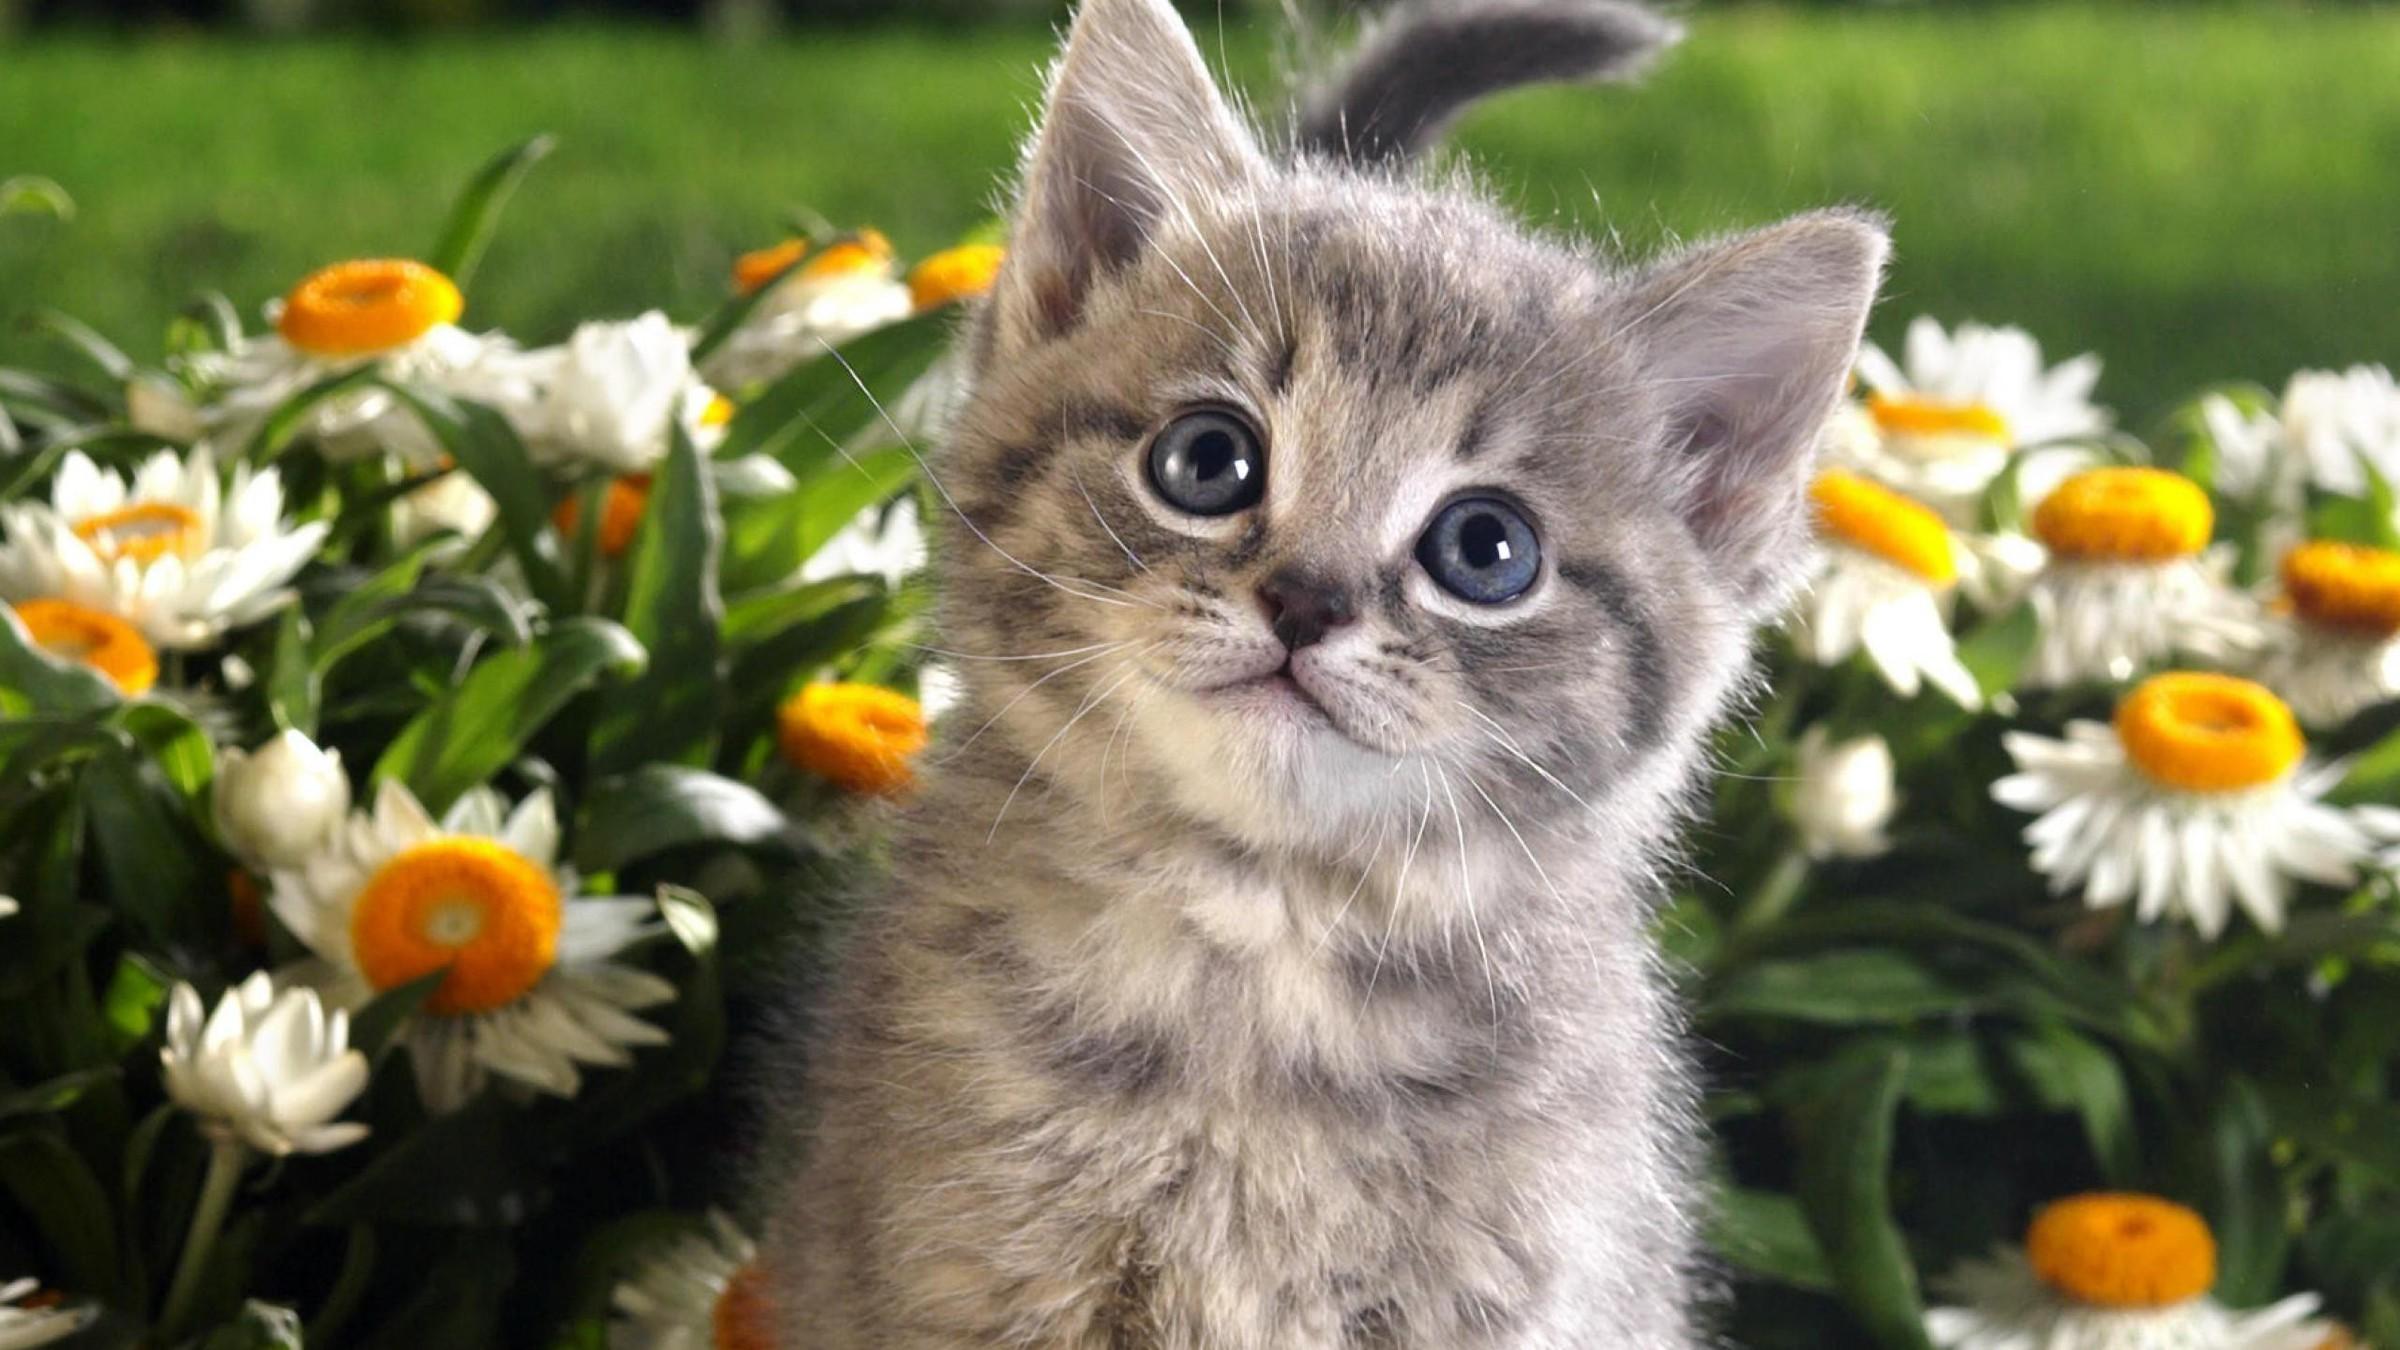 بالصور اجمل الصور للقطط في العالم , اجمل اشكال القطط و الوانها 1784 12